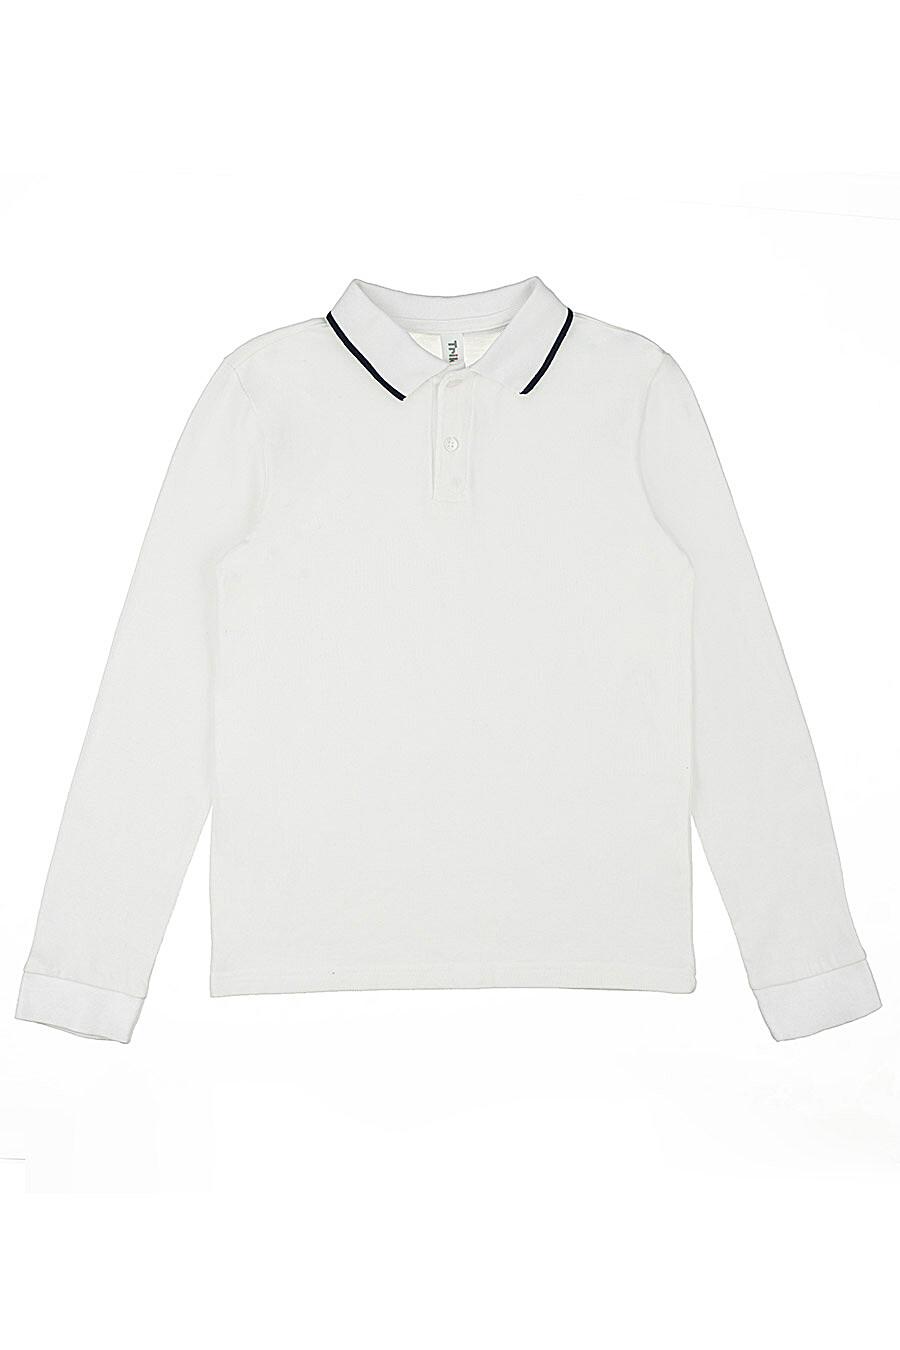 Поло для мальчиков IN FUNT 219029 купить оптом от производителя. Совместная покупка детской одежды в OptMoyo